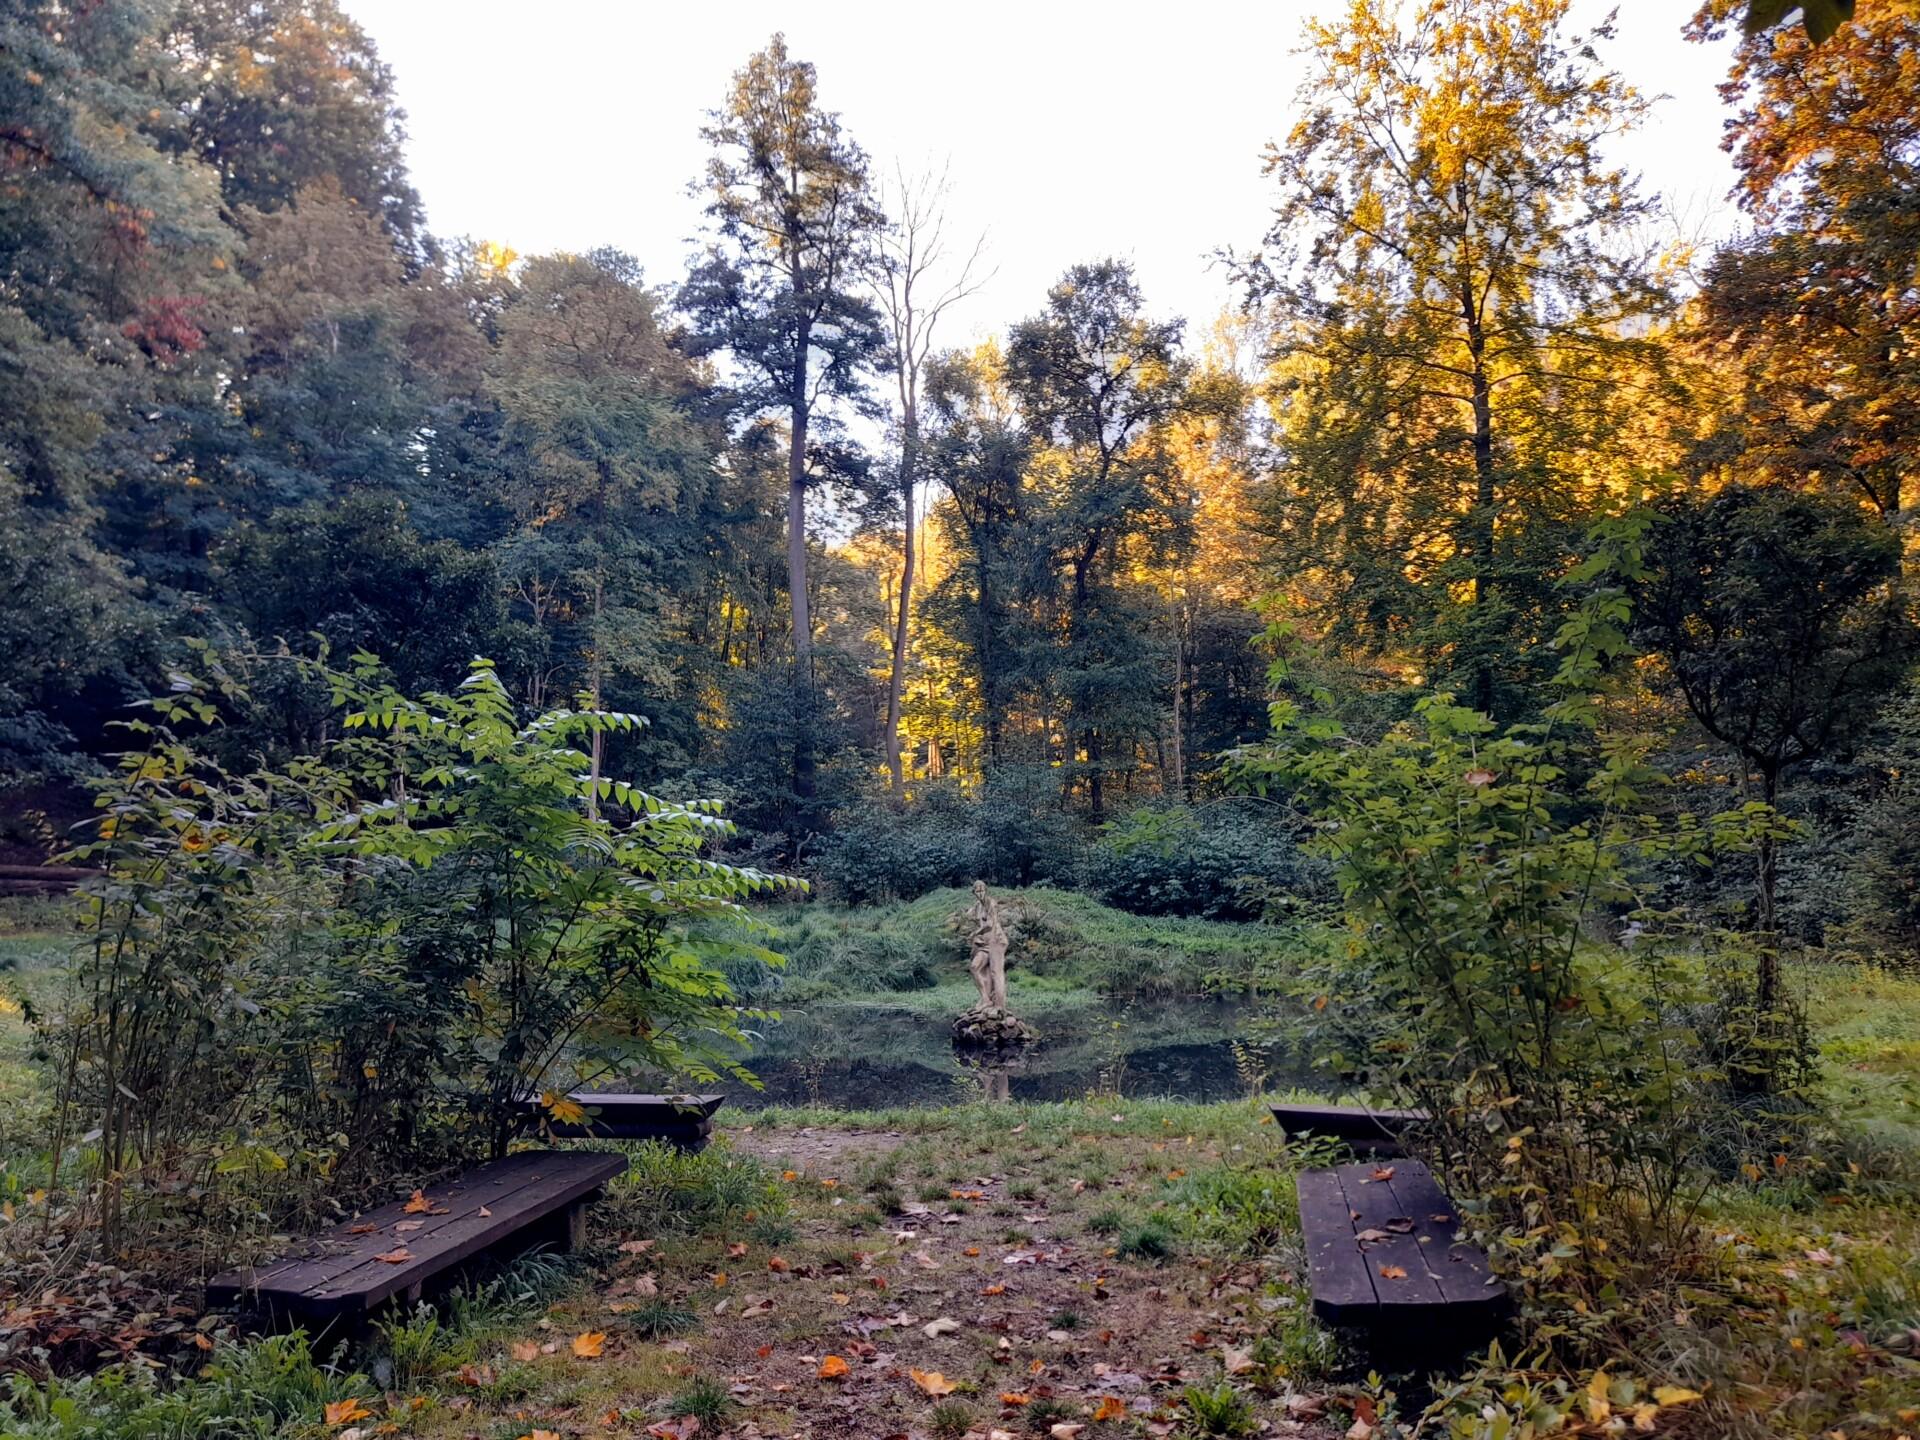 """Prezentacja """"Koncepcji zmiany użytkowania turystycznego parku naturalistyczno-krajobrazowego """"Dolina Miłości"""" w Zatoni Dolnej w celu zabezpieczenia ruchu turystycznego przed następstwami epidemii COVID-19"""" - webinarium już 28.10.2021 r."""